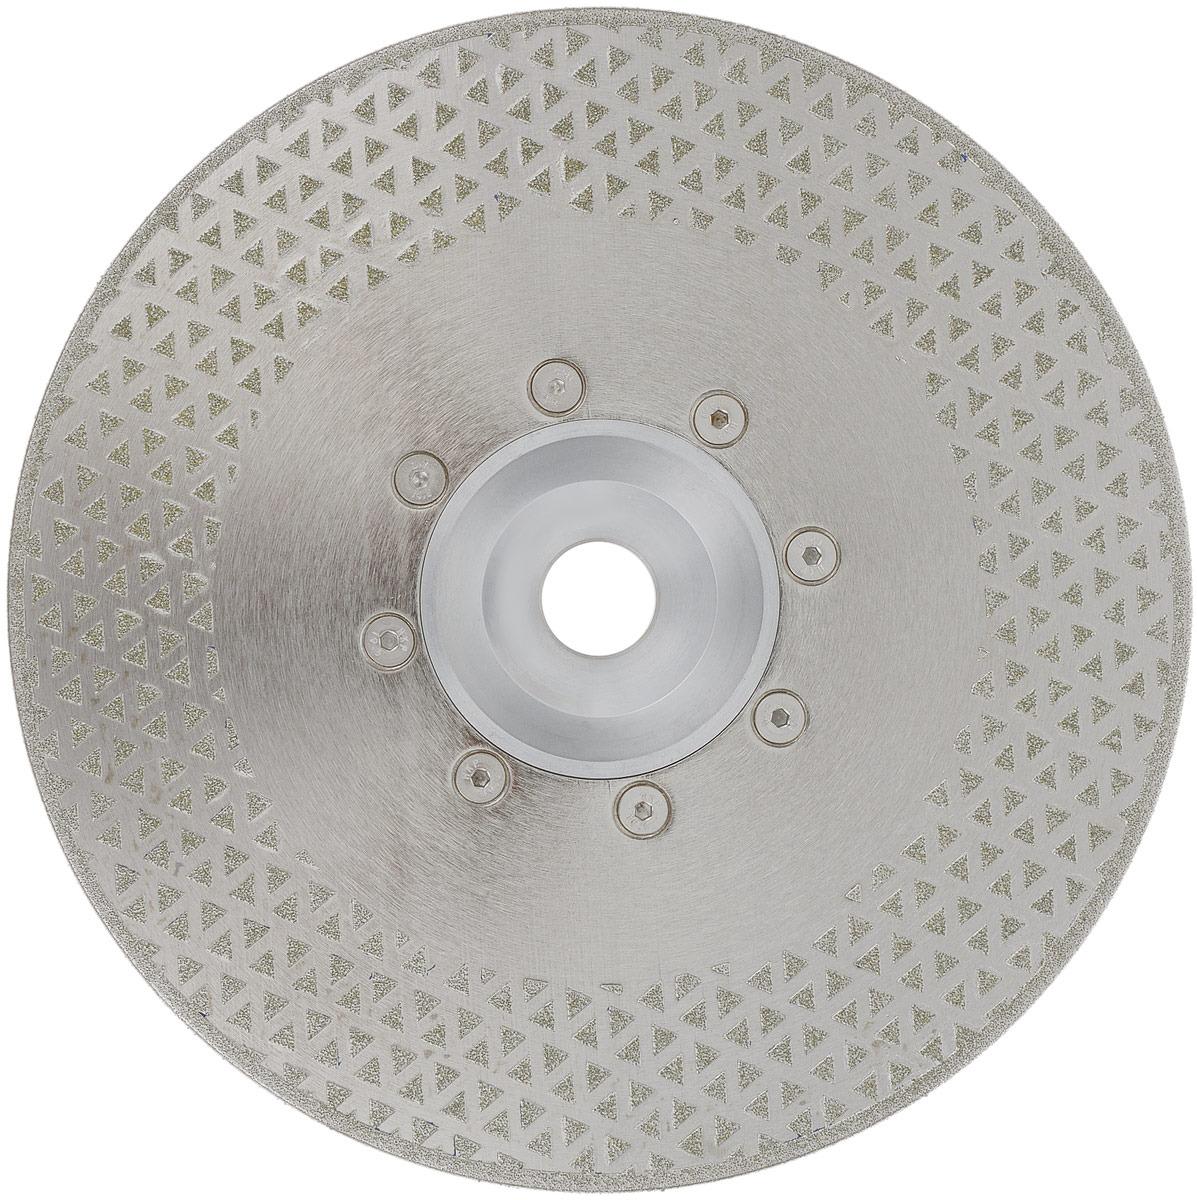 Фото - Круг шлифовальный Messer, для резки и шлифовки мрамора, 01-44-230, 230 х 3,8 мм центратор с подачей воды и отводом шлама 40 мм messer 10 40 403